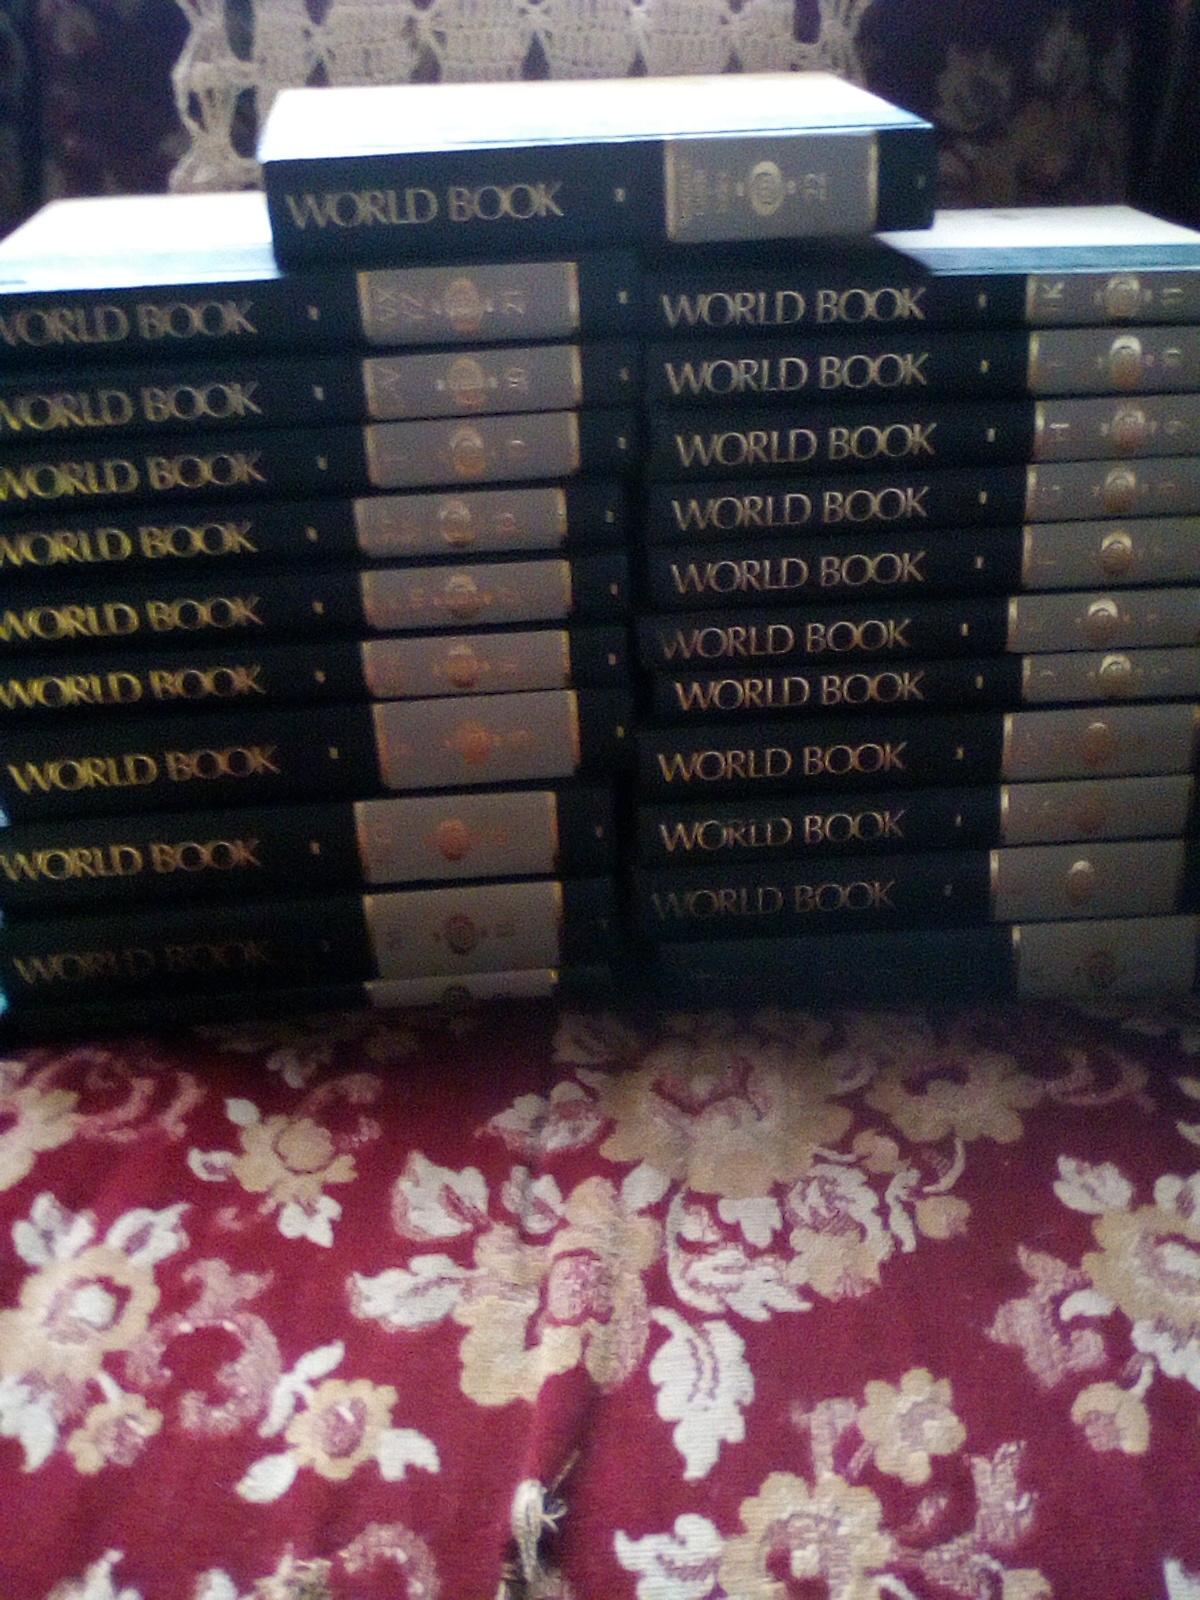 The world book of encyclopedias